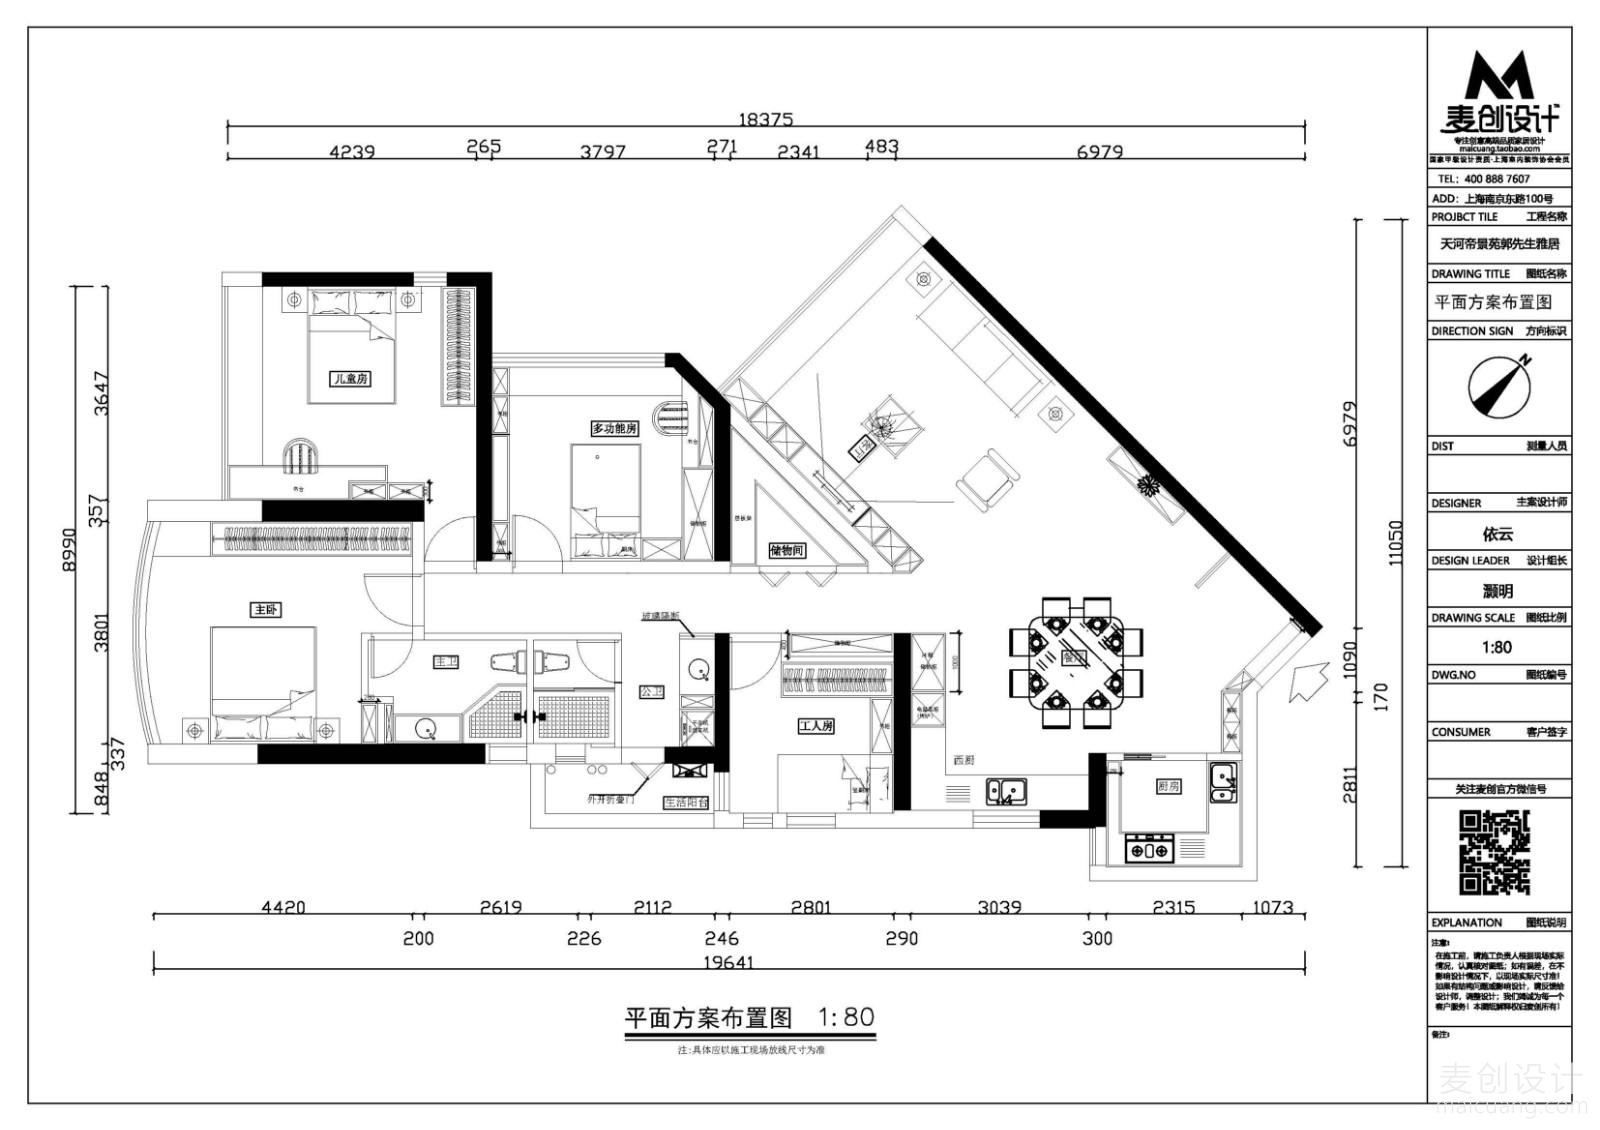 郭生雅居施工图12-19修改_页面_06